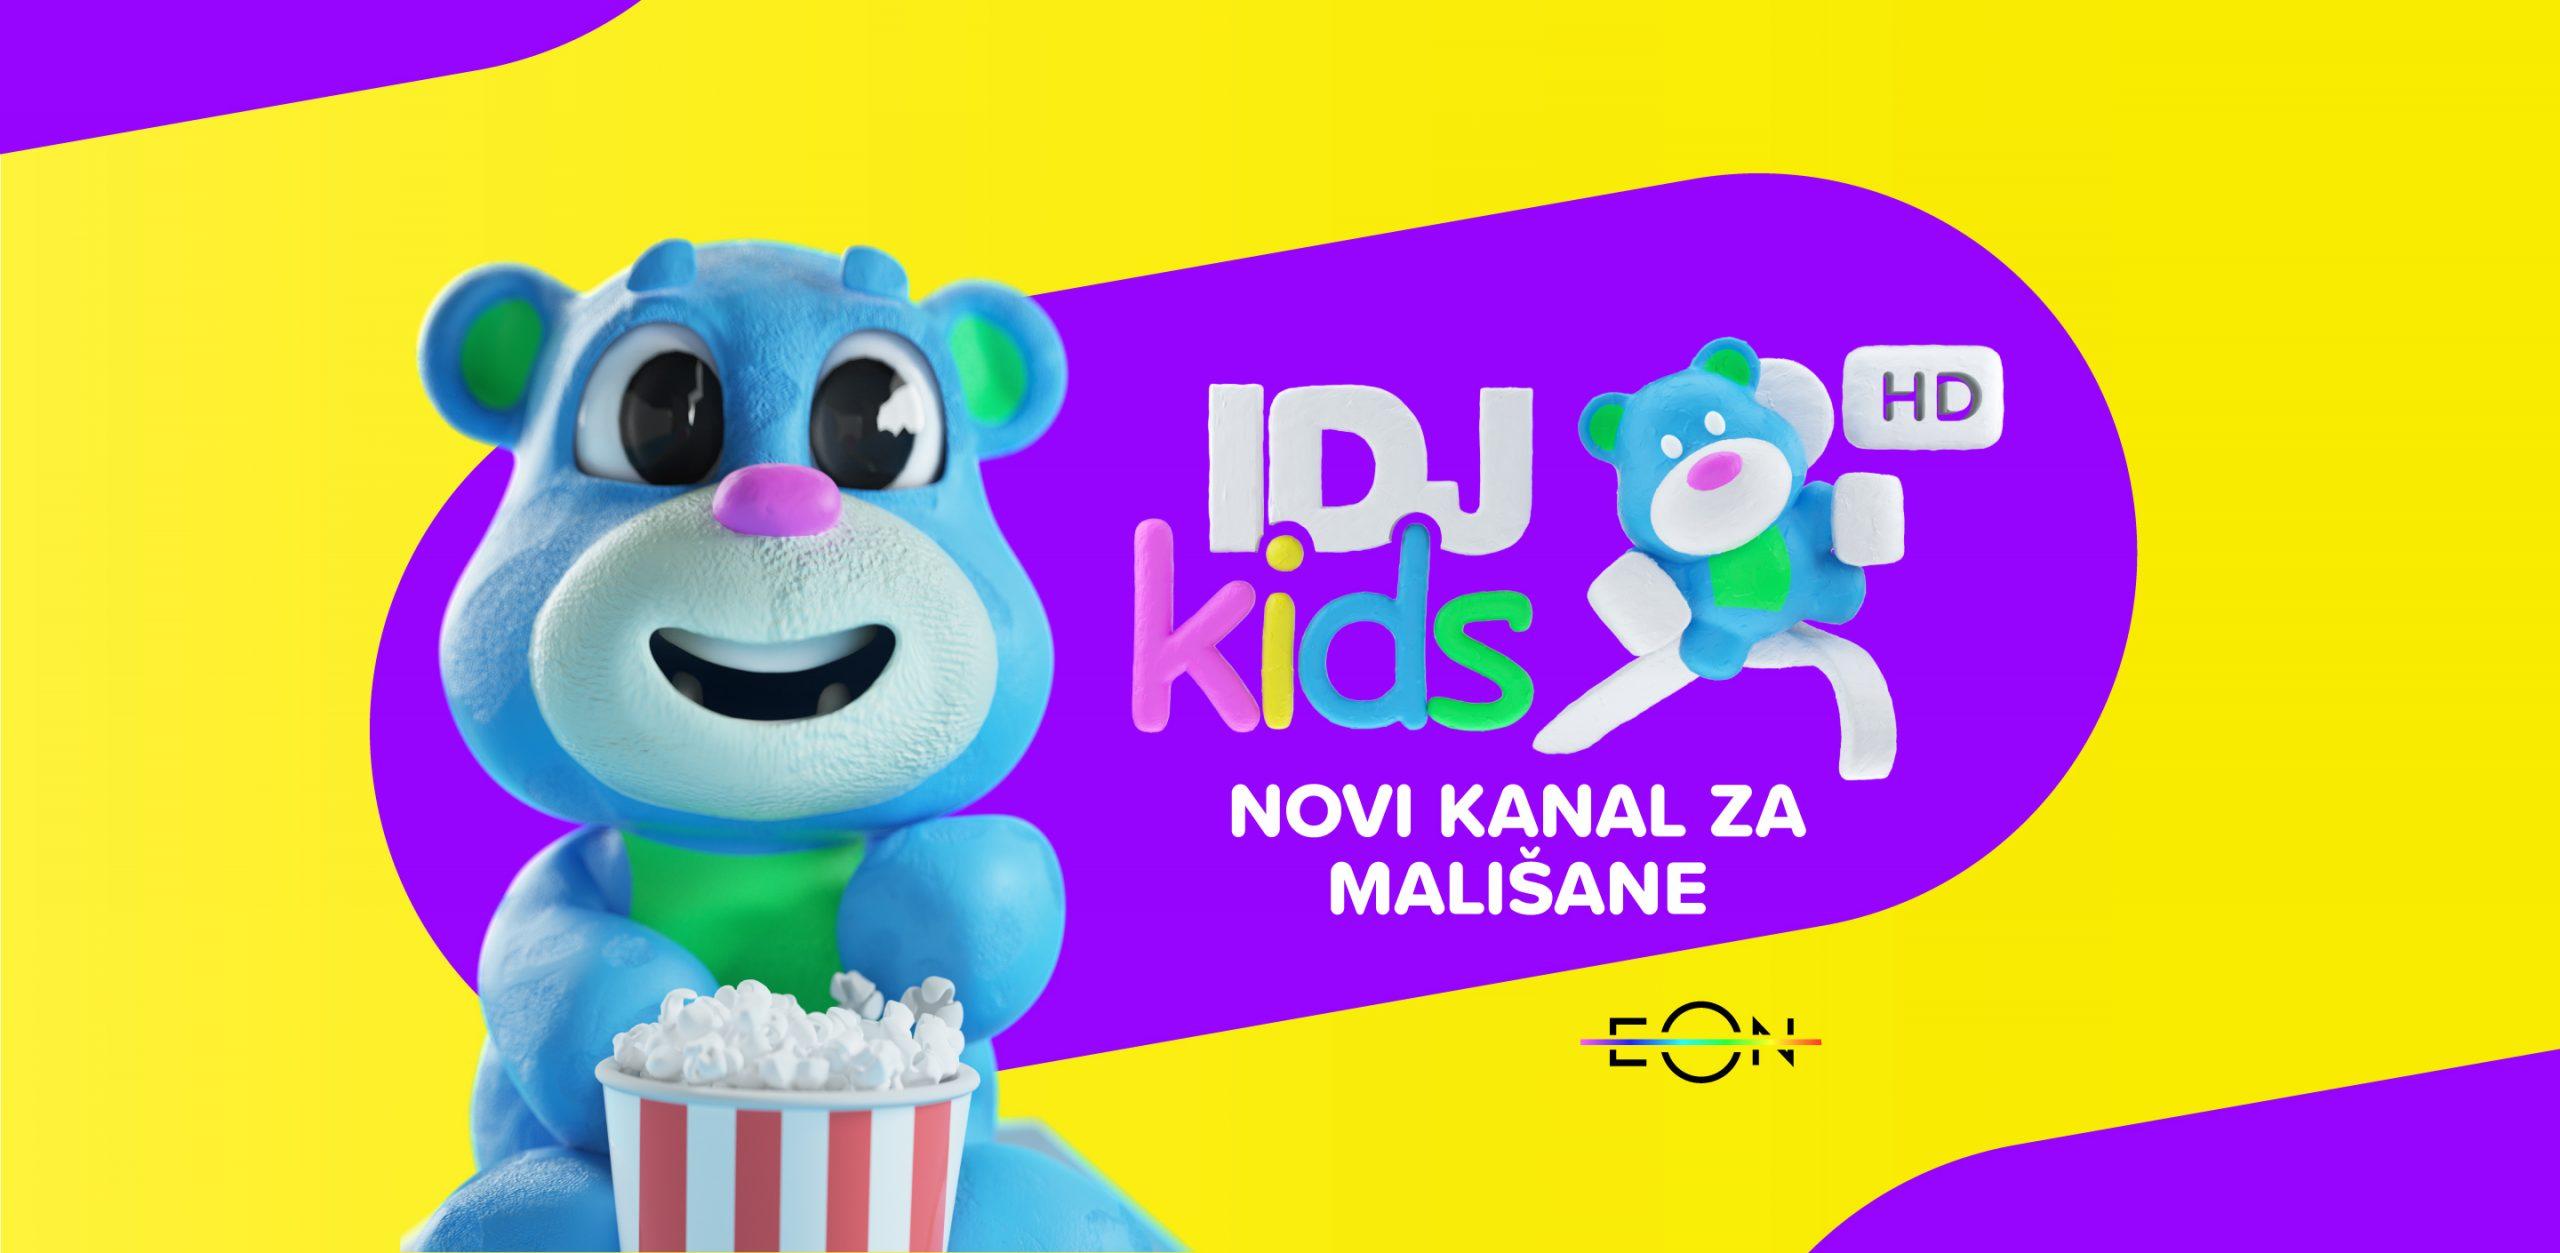 IDJ kids – novi kanal za mališane